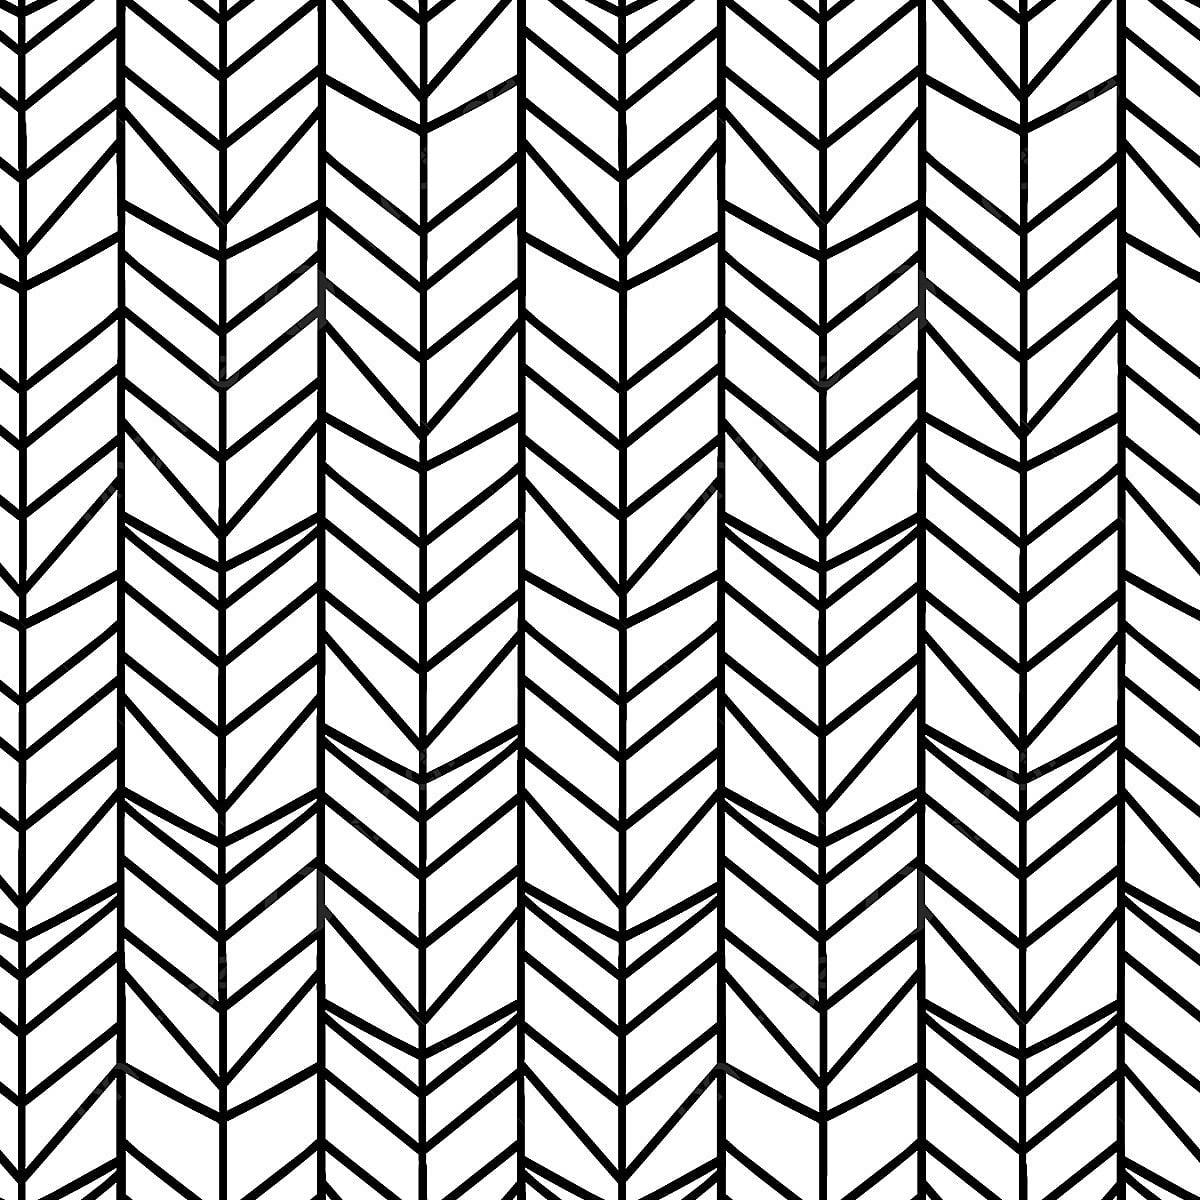 Papier Peint Noir Et Blanc Graphique chevron motif sans couture à chevrons avec des couleurs noir